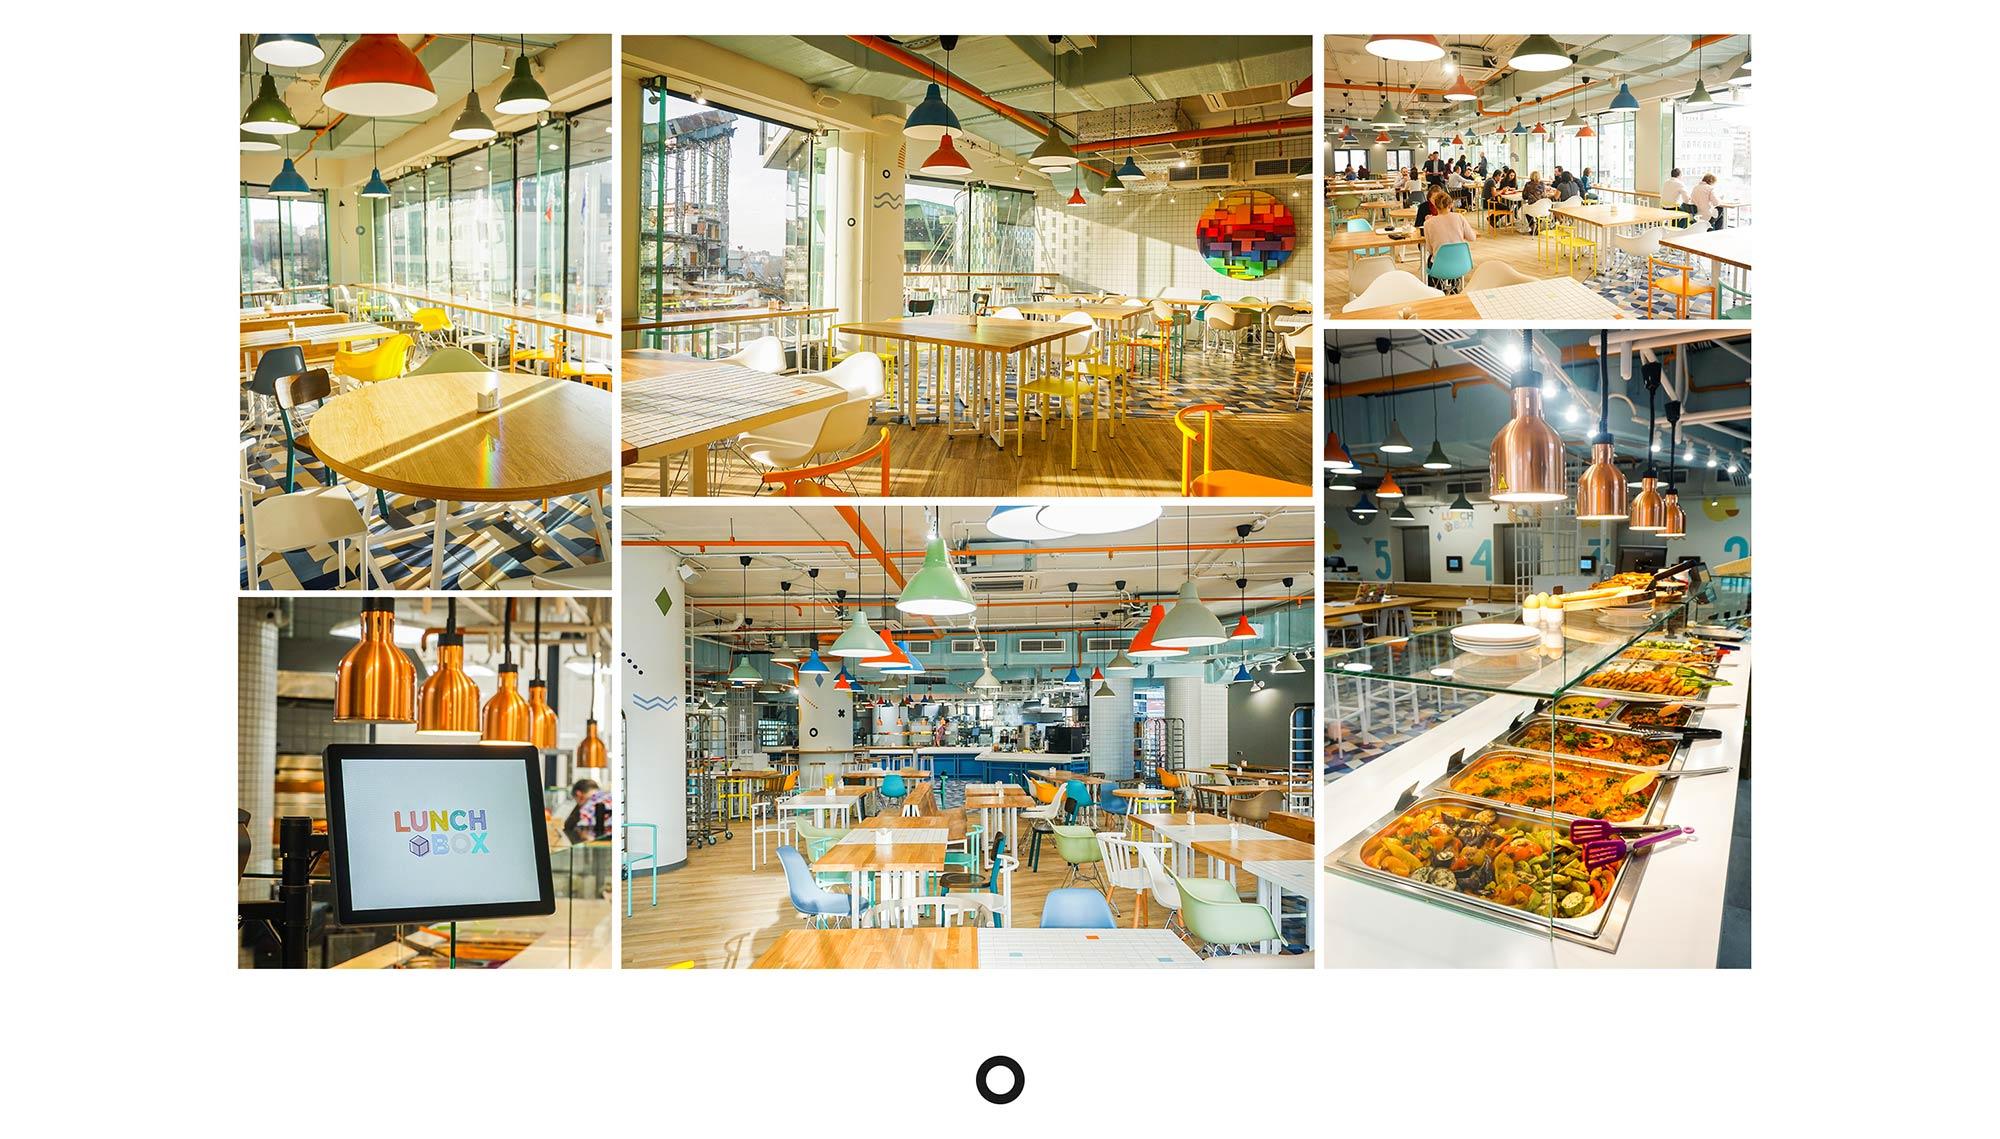 брендинг под ключ для кафе дизайн интерьера результат